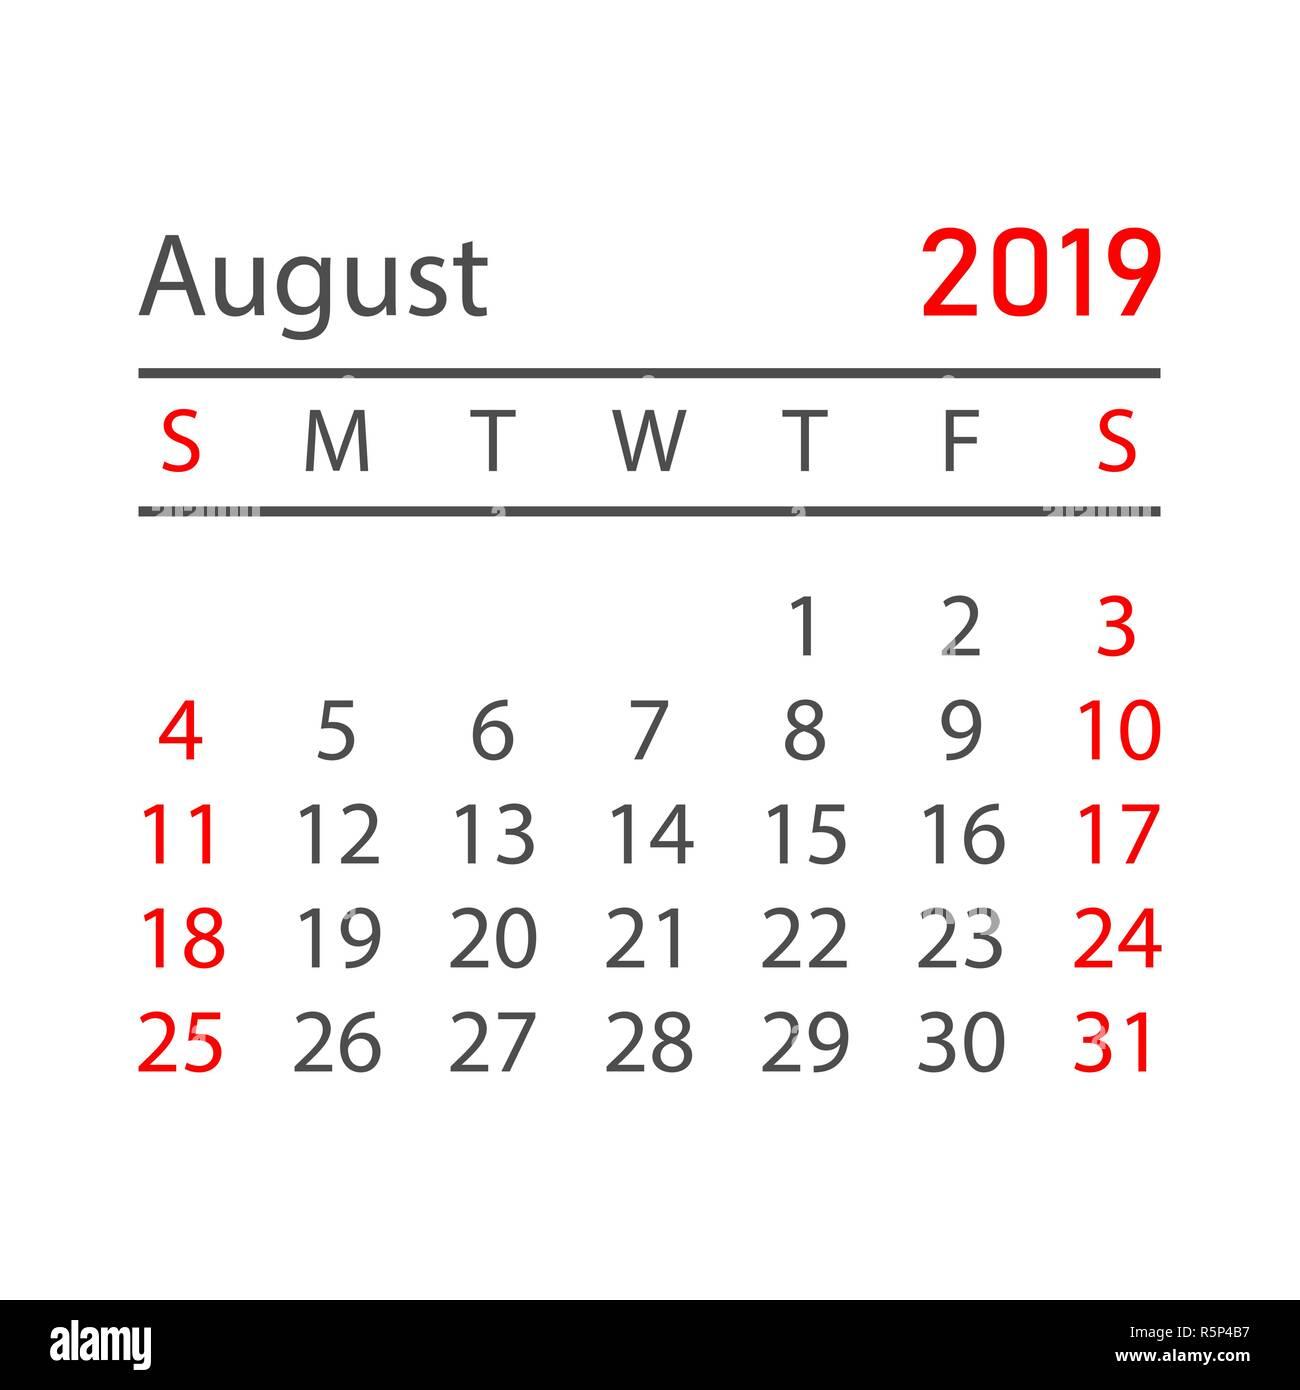 Kalender August 2019 Jahr In Einem Einfachen Stil Kalender Planer